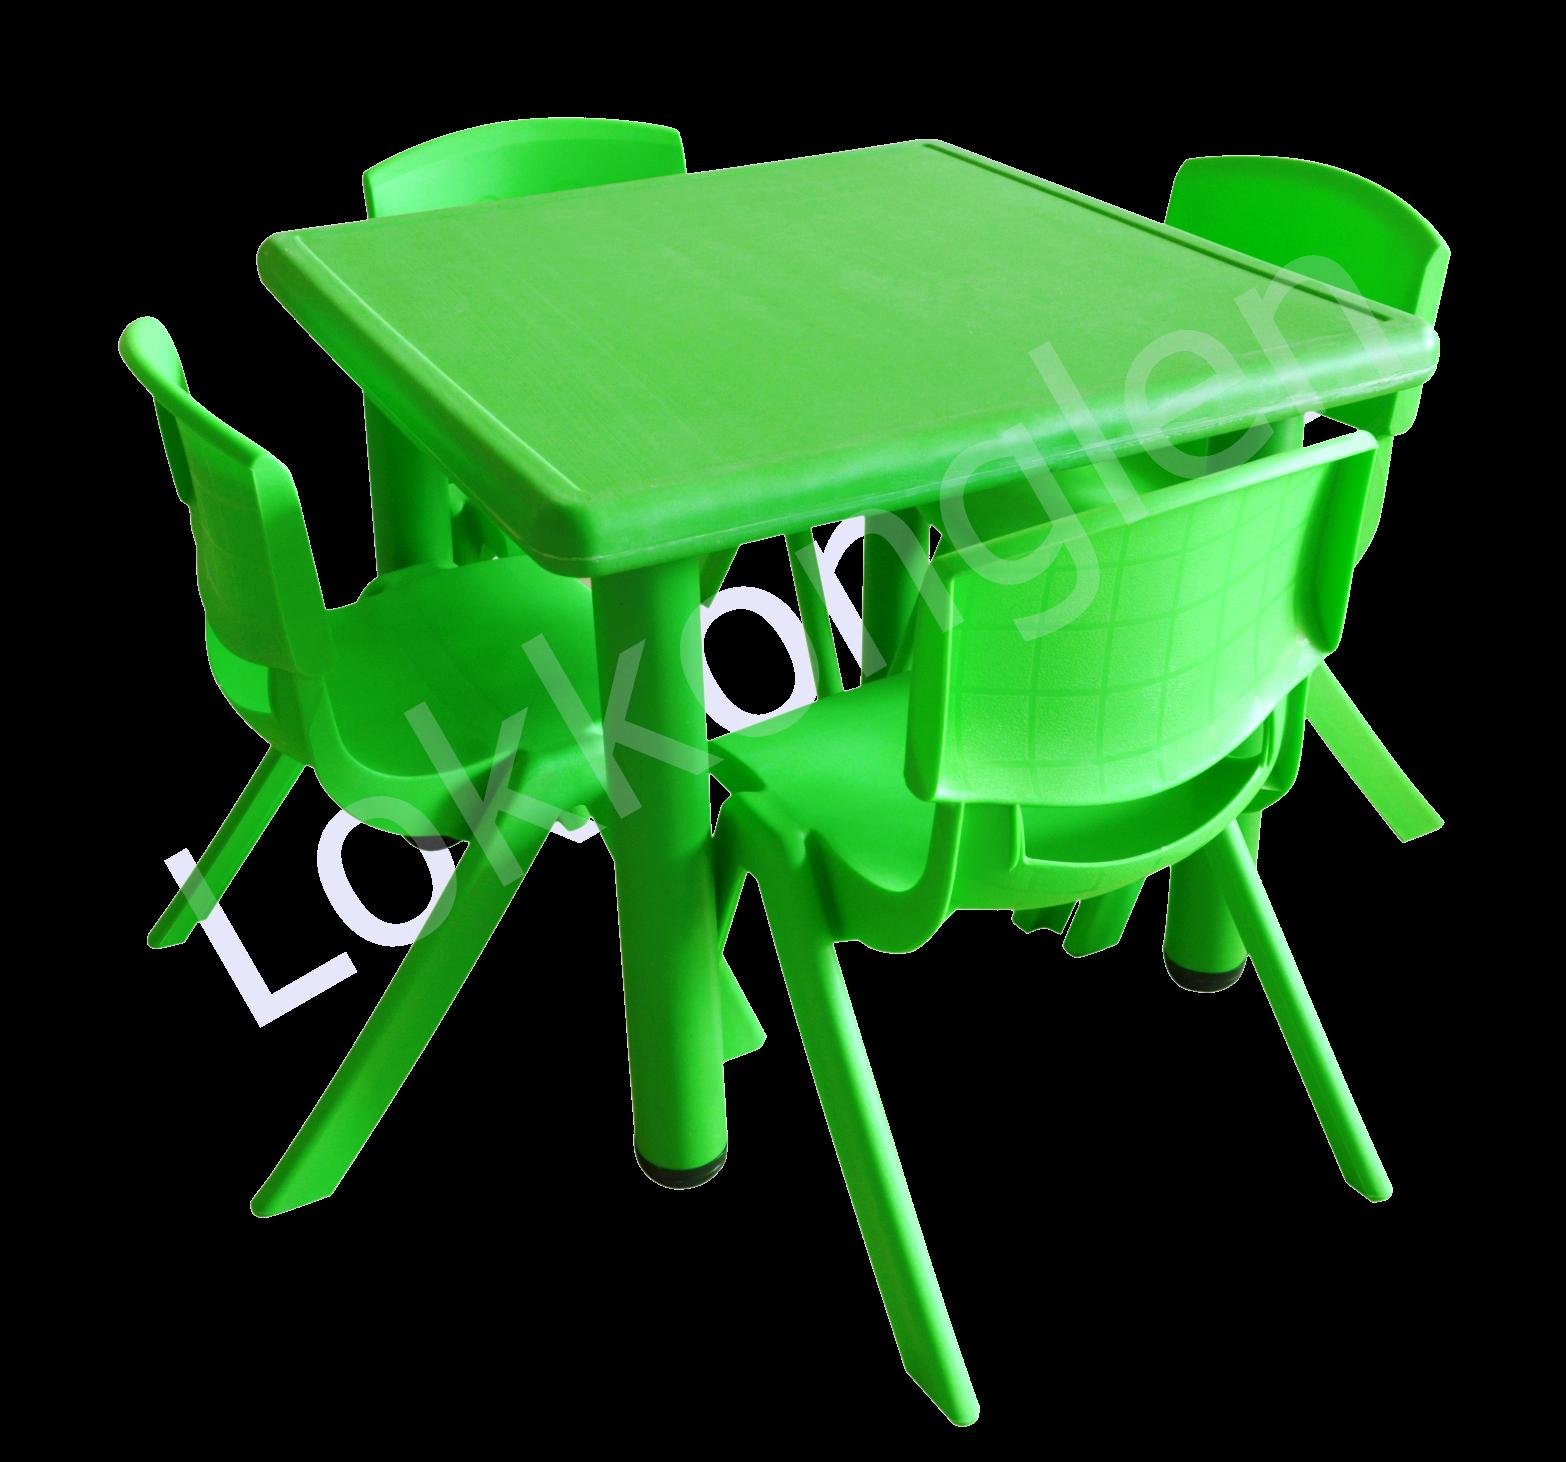 ชุดโต๊ะสี่เหลี่ยมจตุรัส สีเขียว